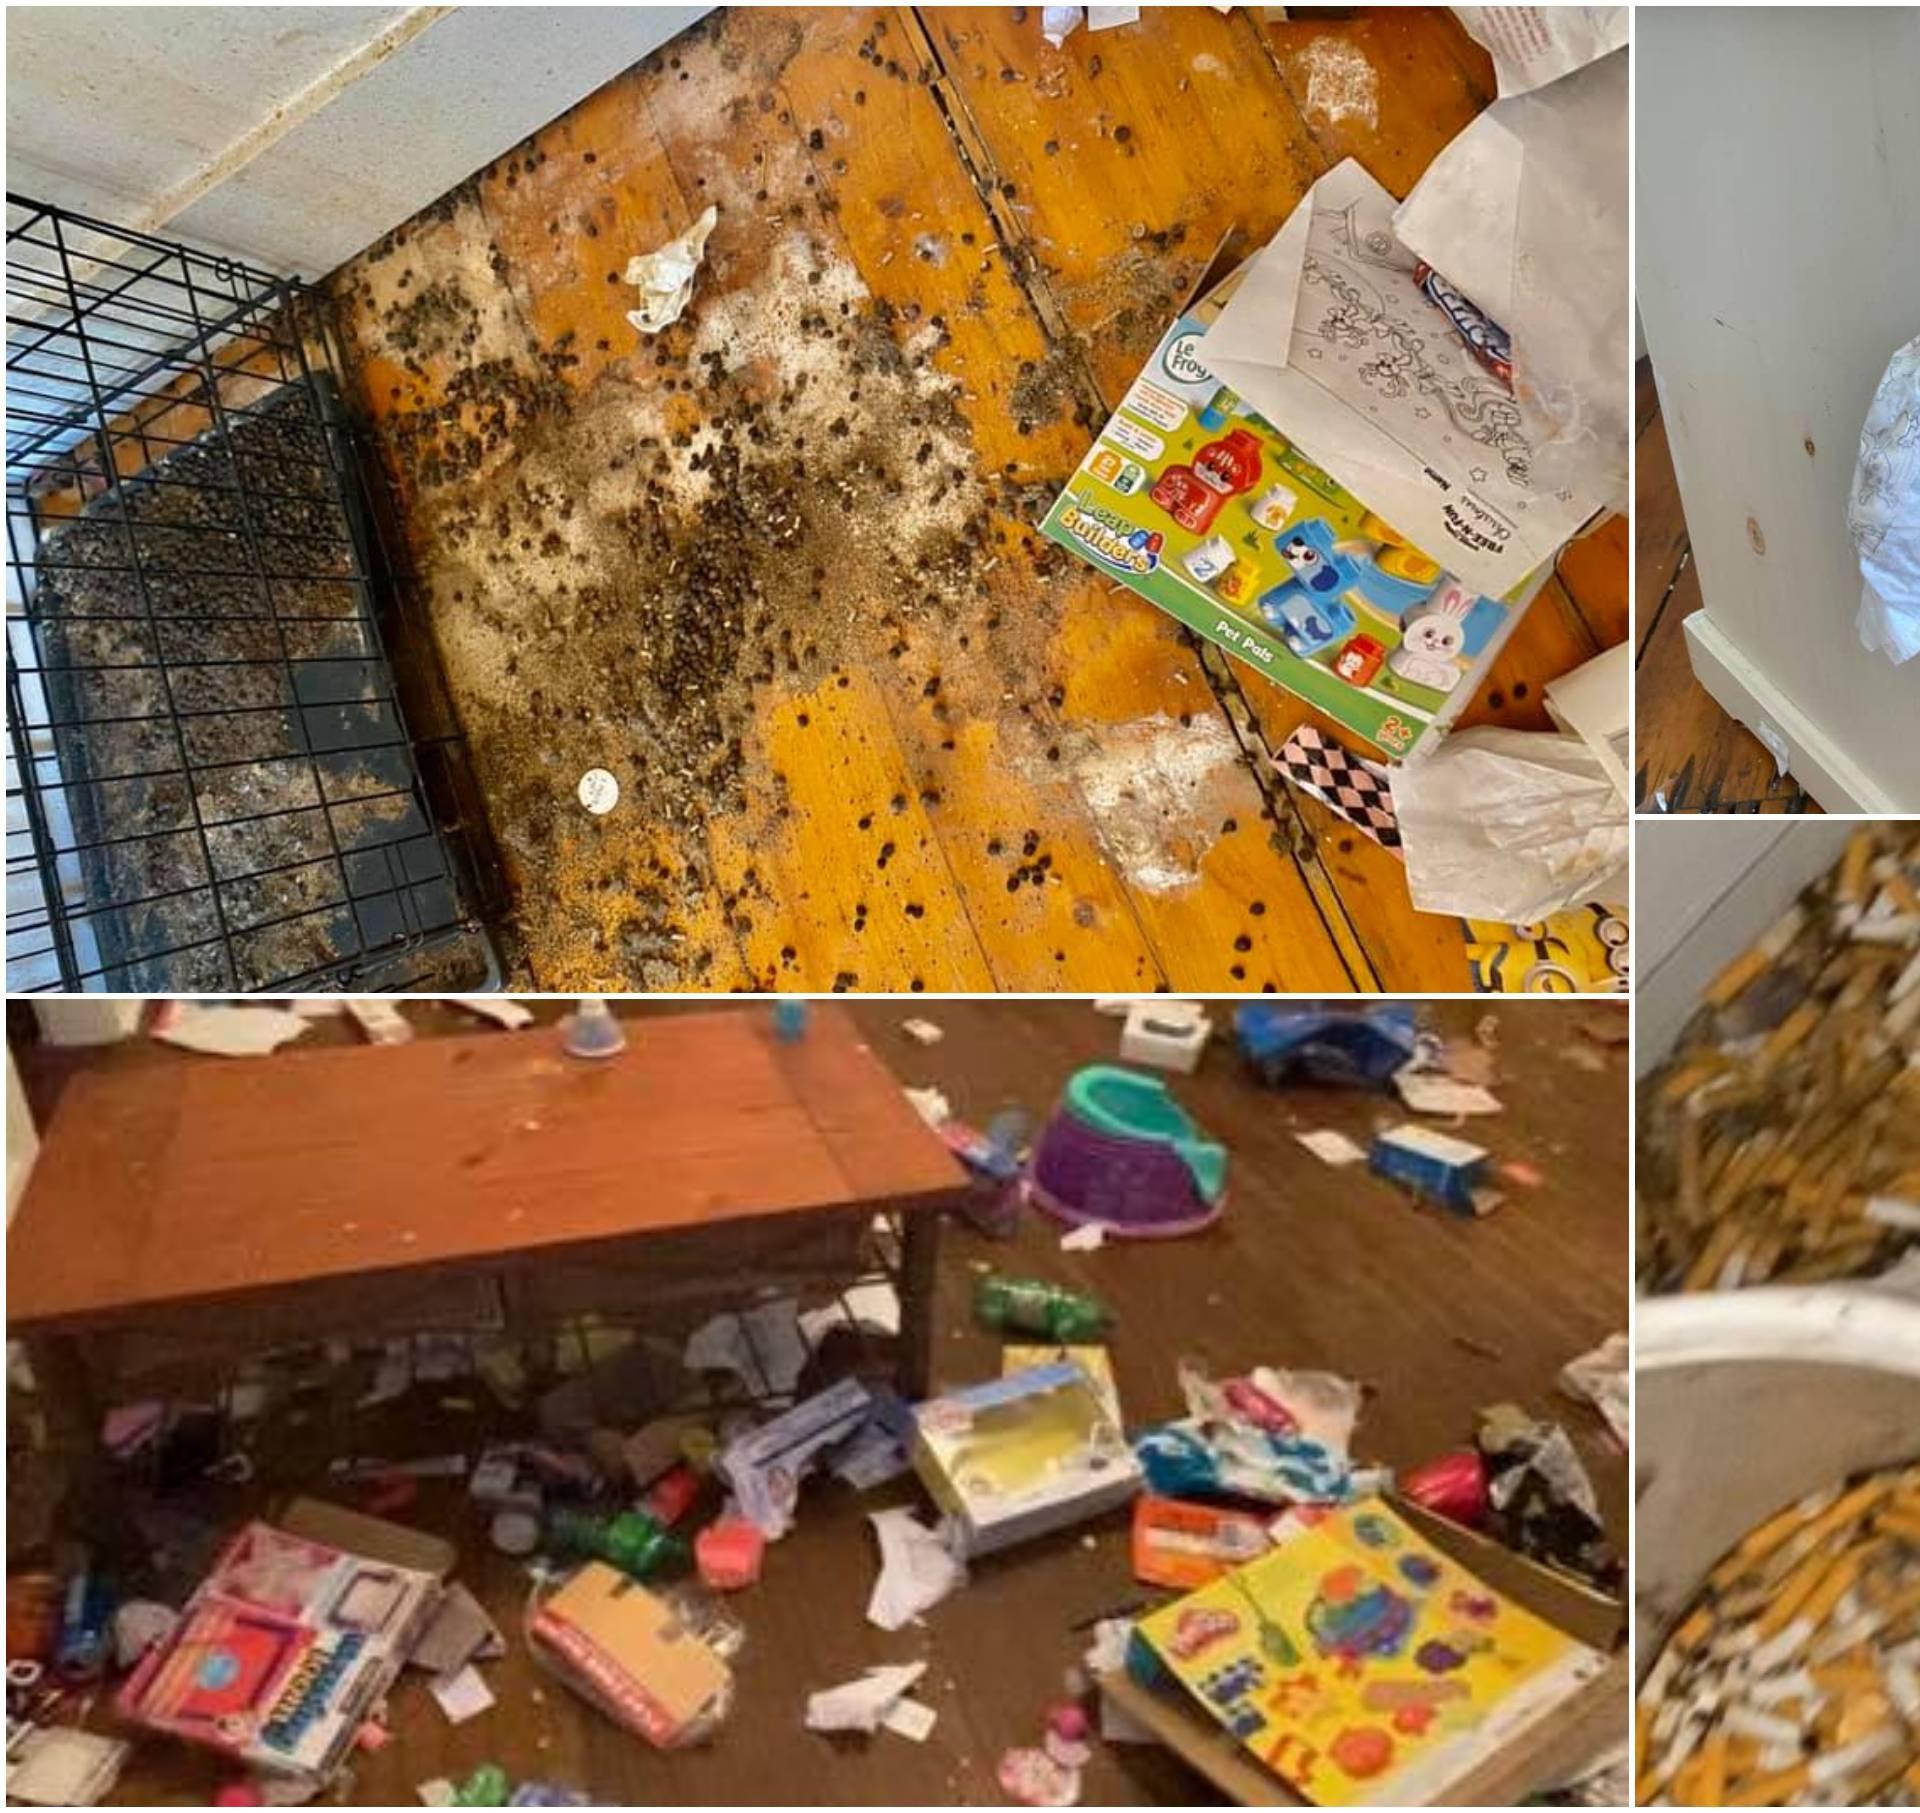 Podstanari iz pakla: Izmet po zidu, urin im curi u stan ispod